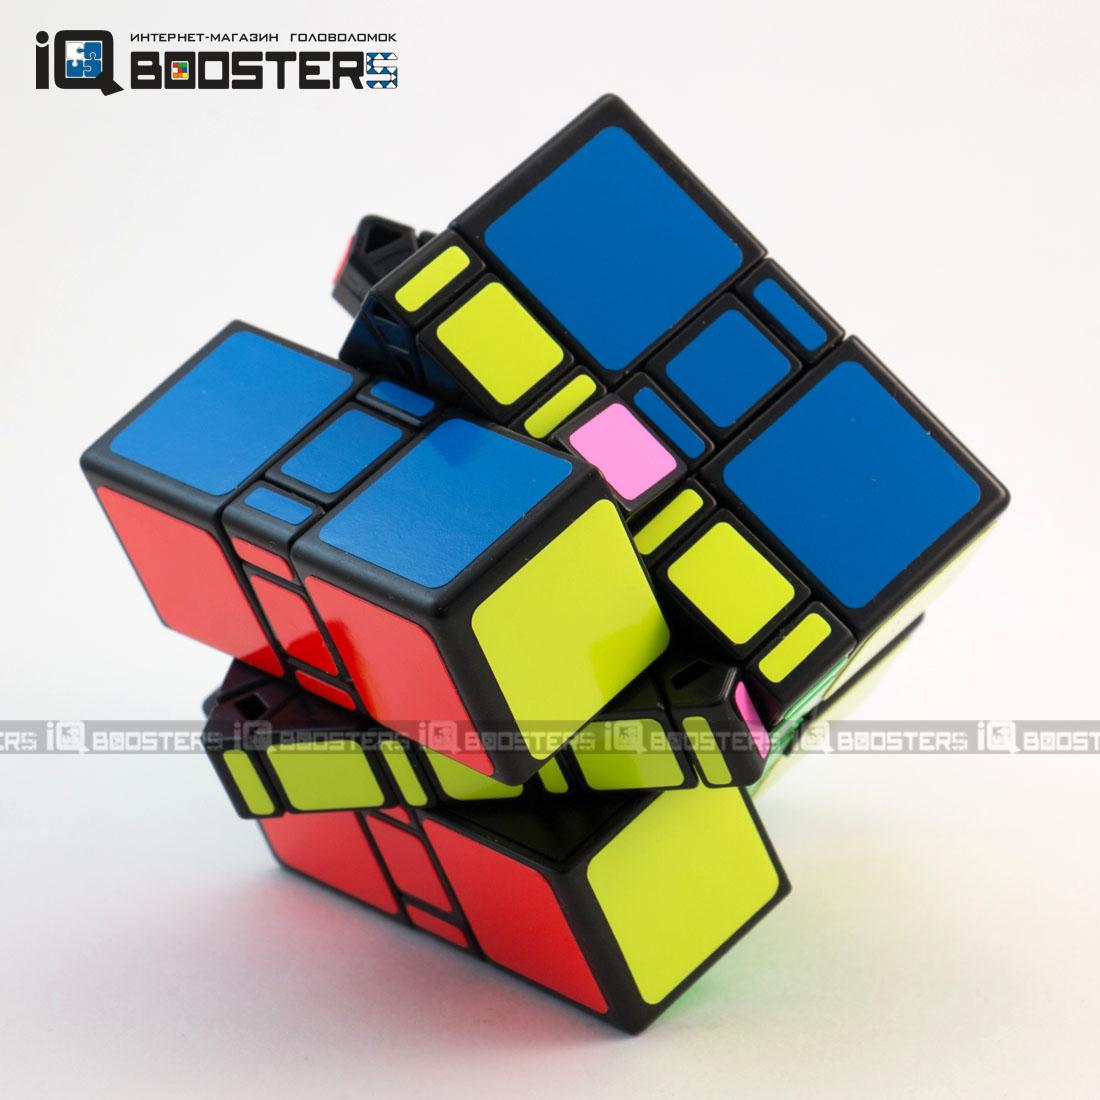 limcube_super_mixup_5